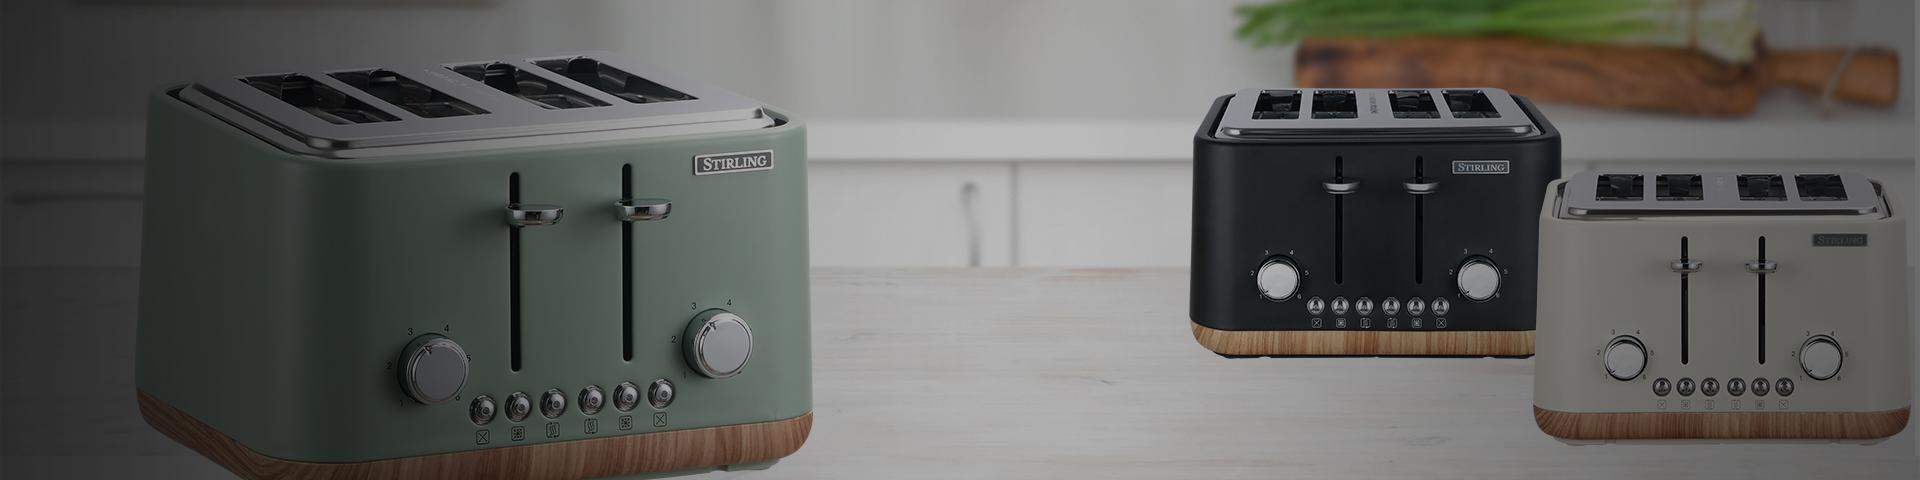 4 Slice Toaster Wood Trim